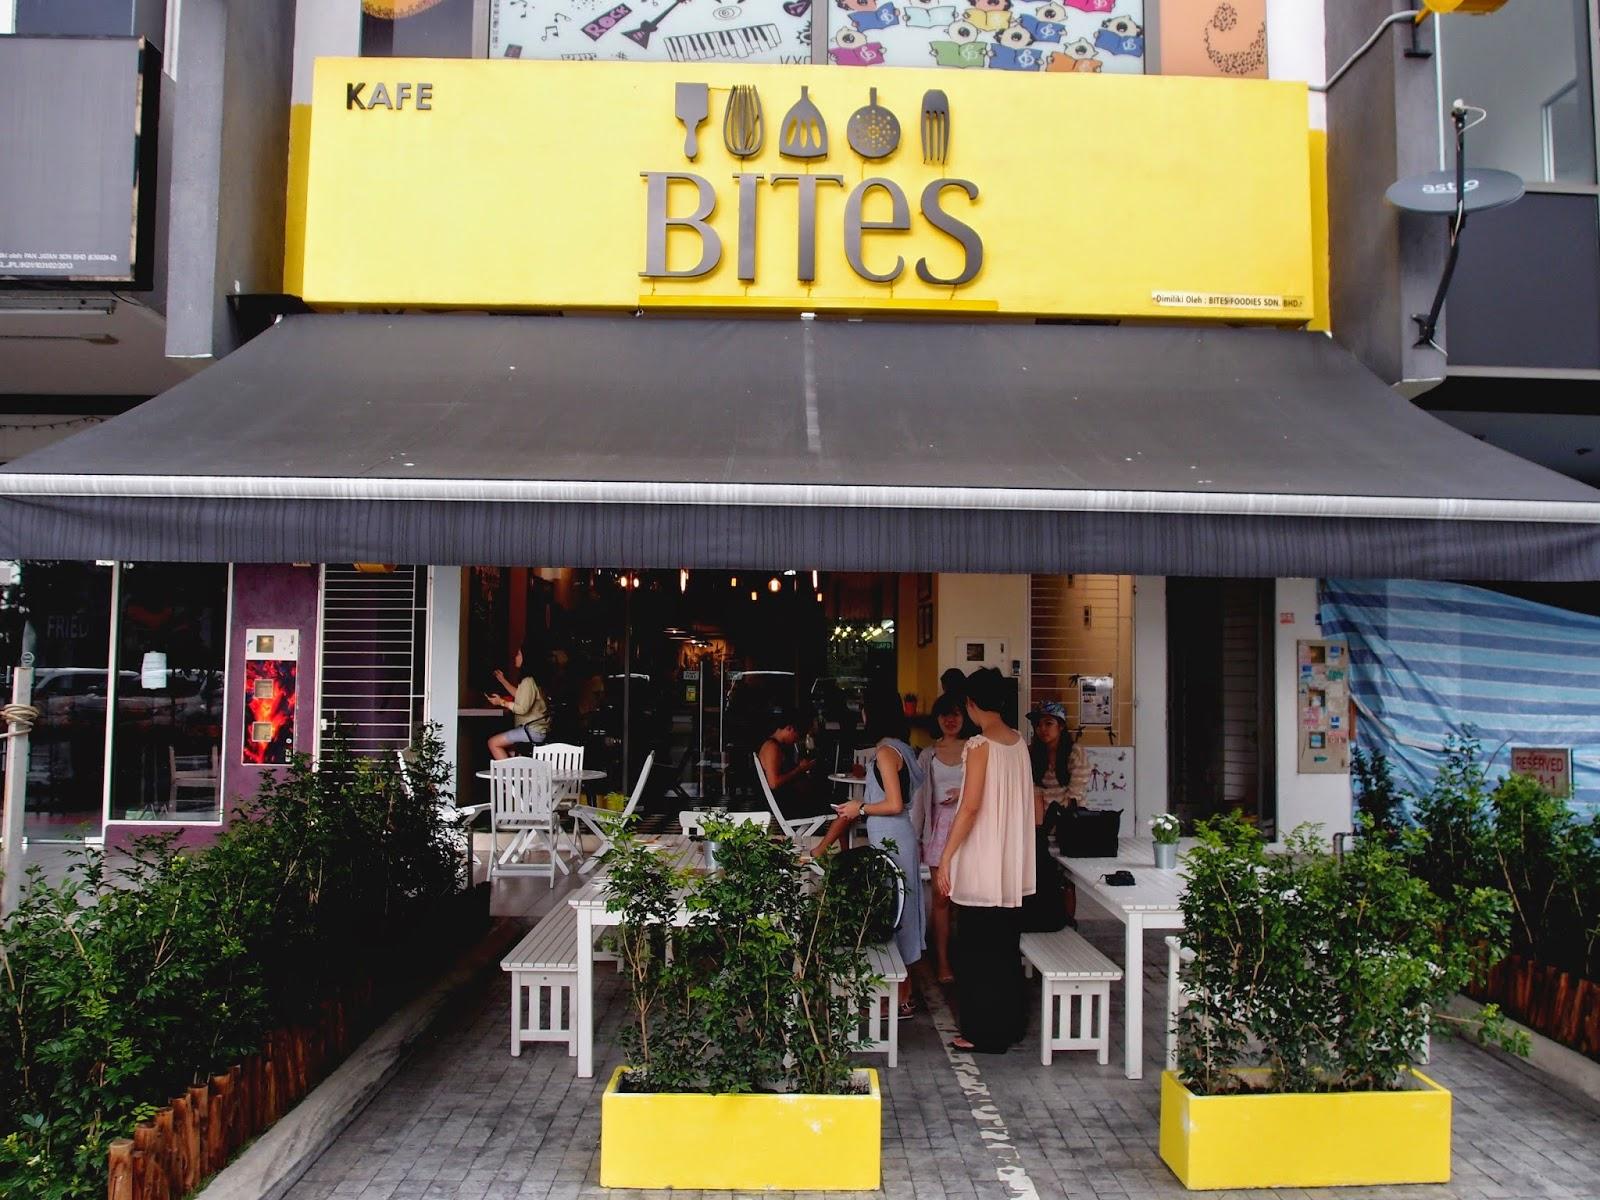 Best Restaurant To Eat Bites Cafe Lakefields Sungei Besi